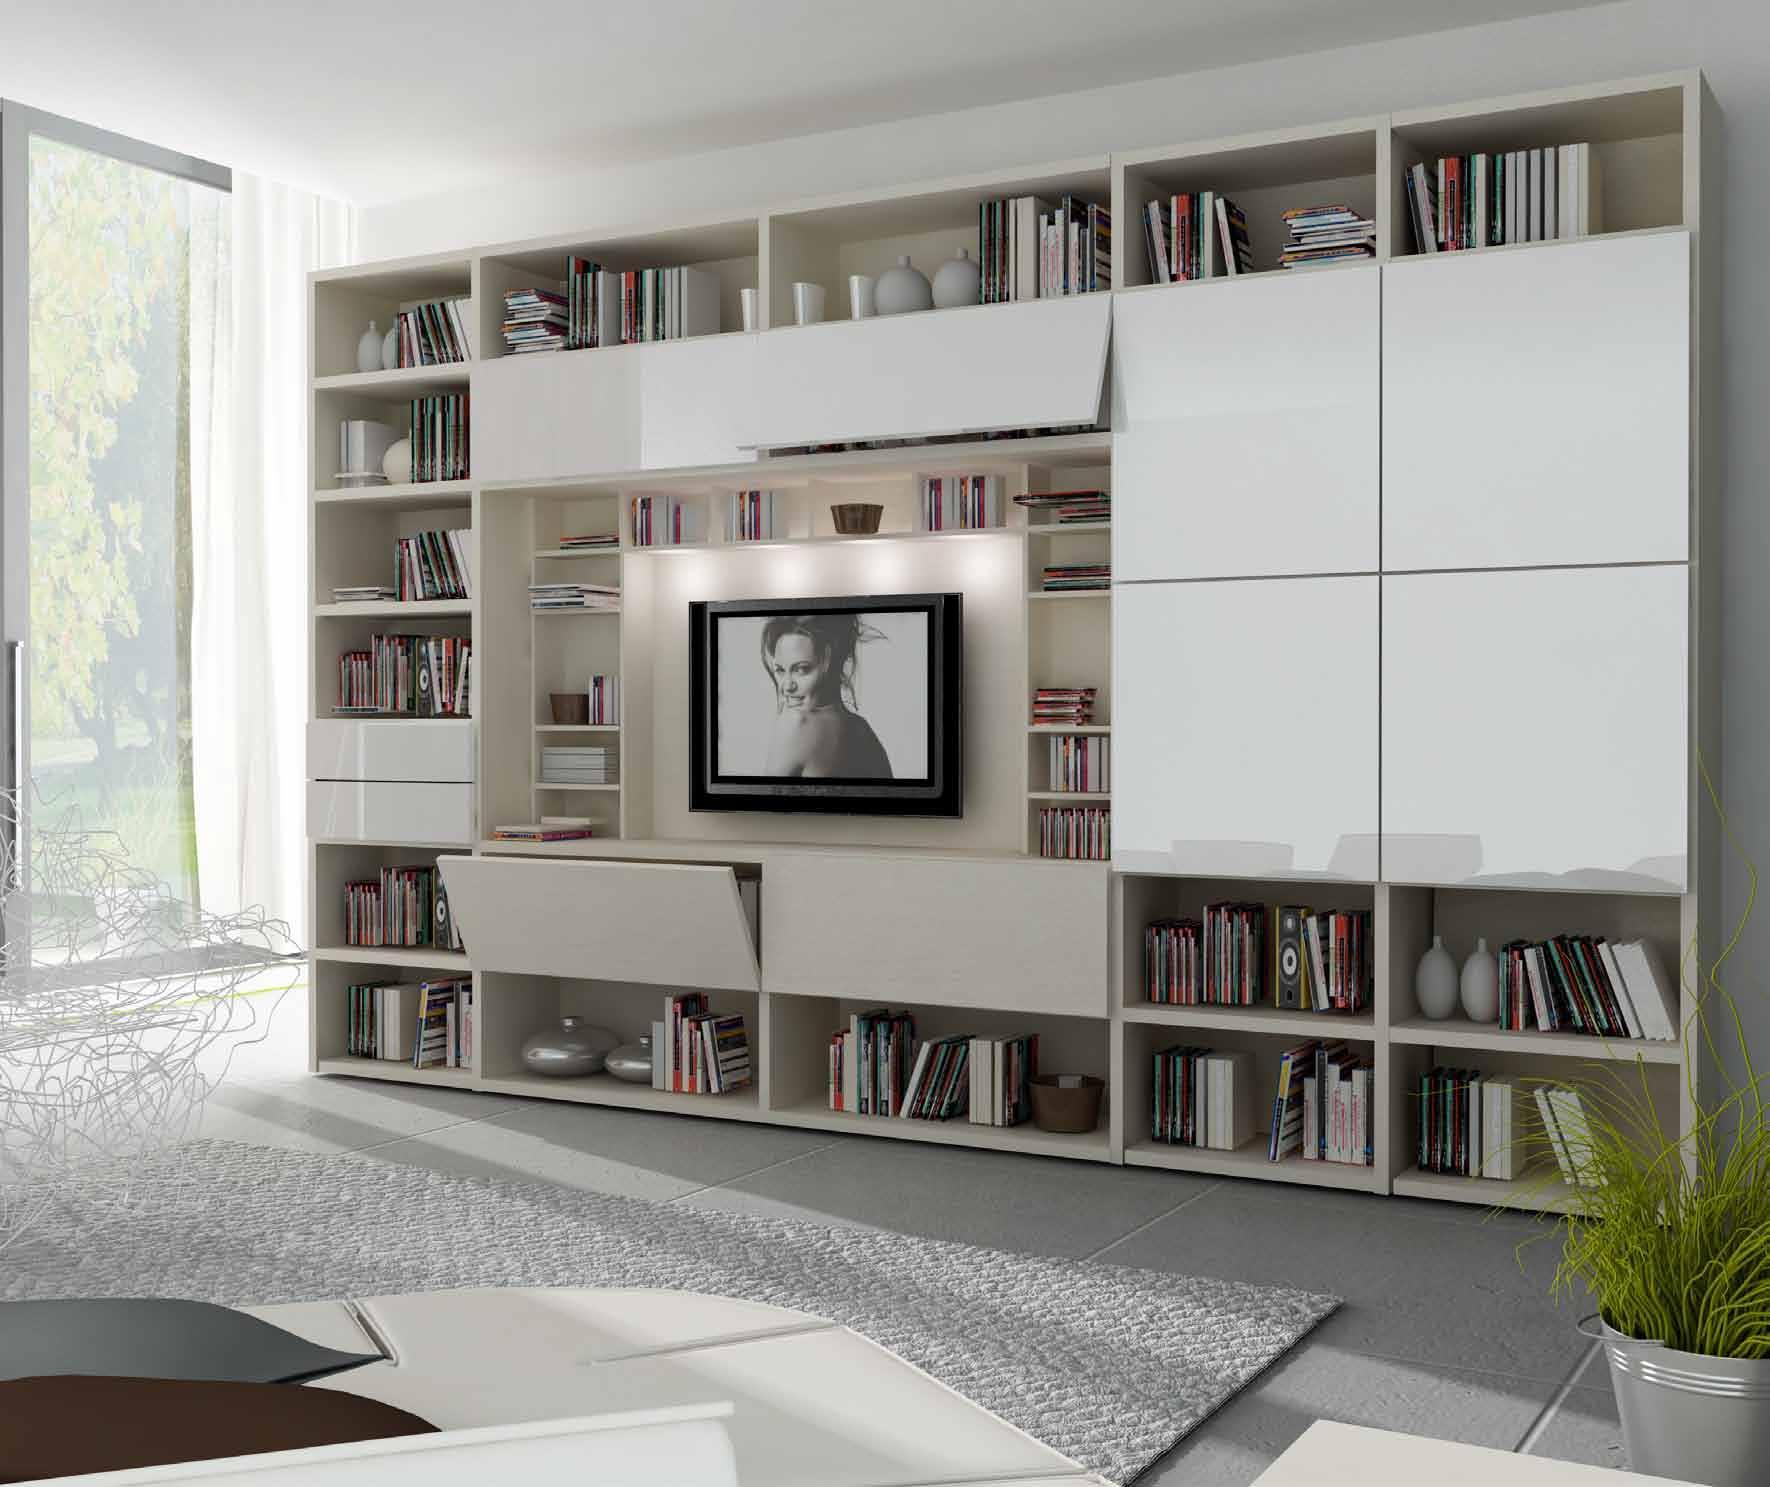 Arredamento per salotto tutto per il tuo soggiorno e zona for Arredamenti soggiorni